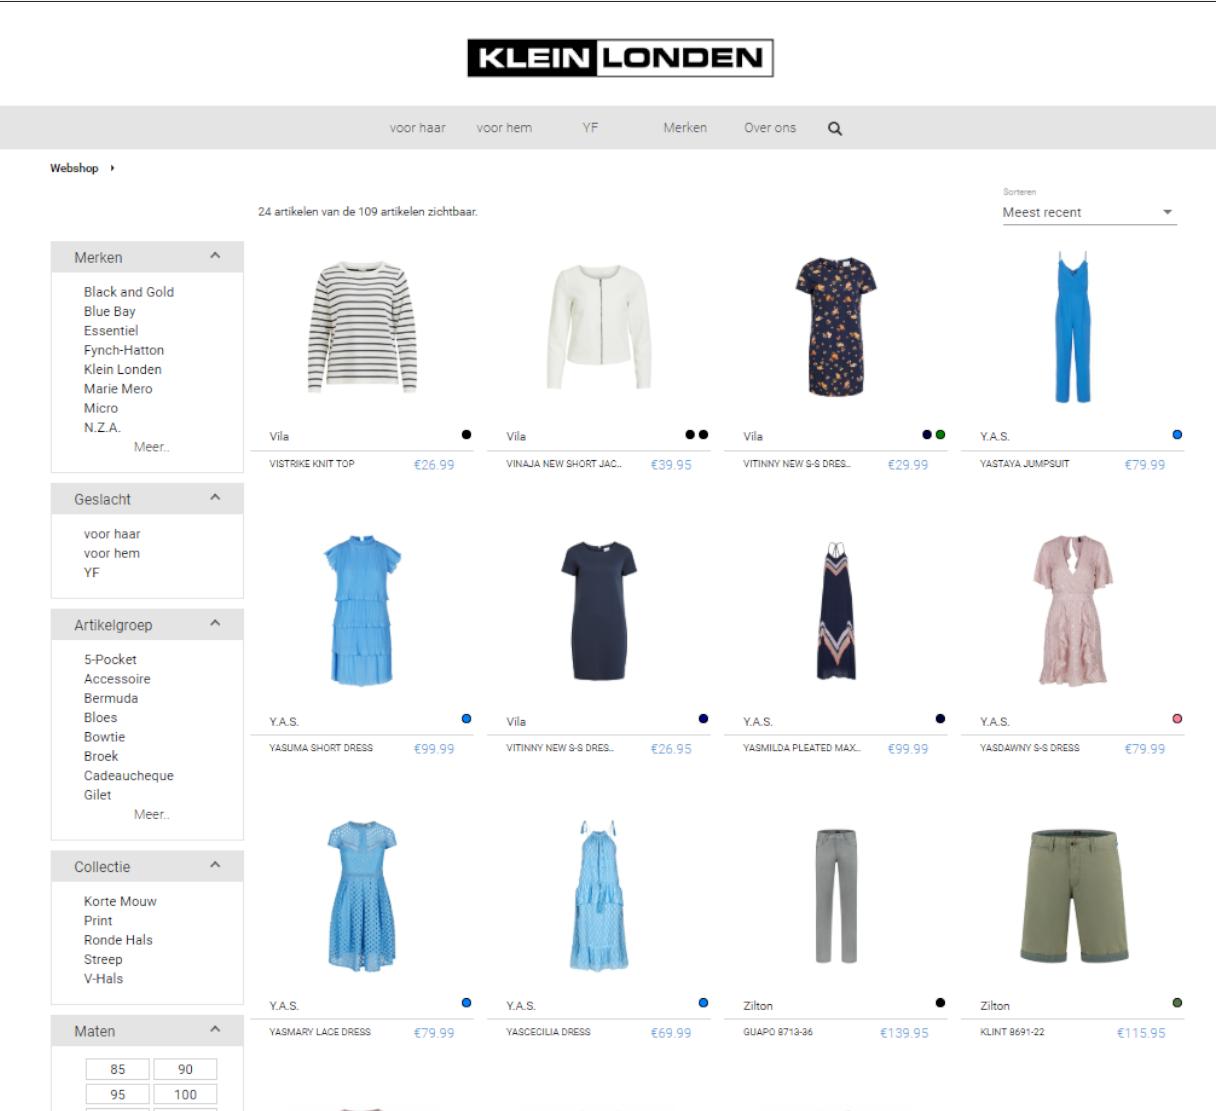 FashionManager Web - Klein Londen